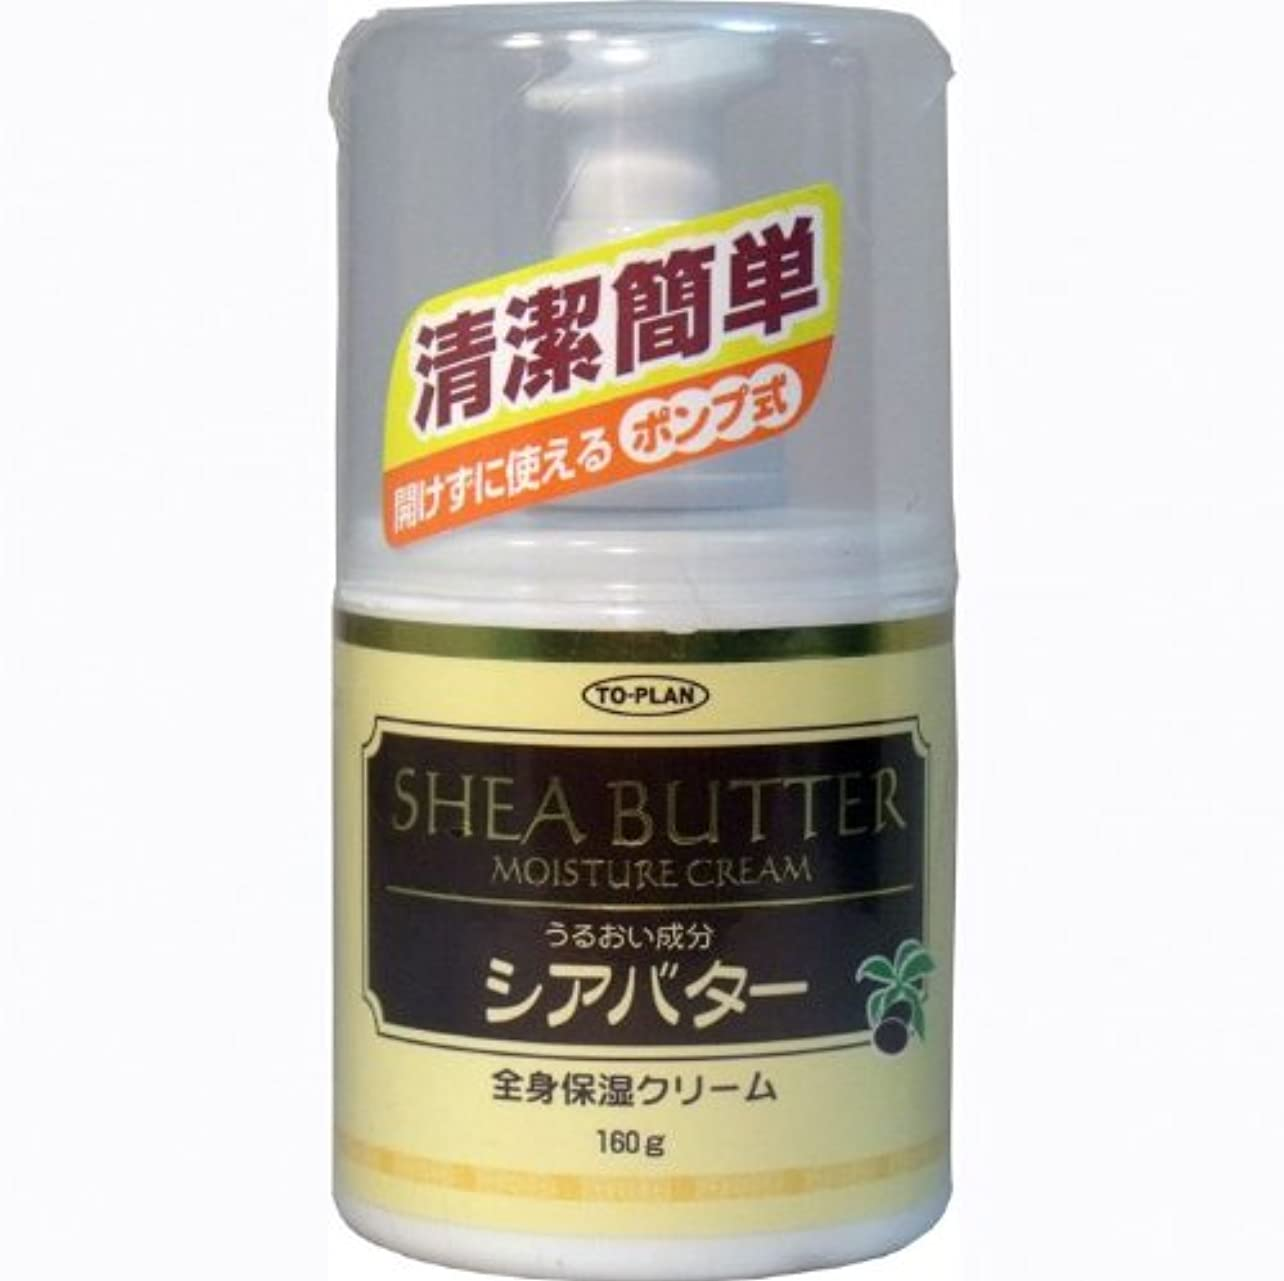 ブランデーのれんリビングルームトプラン 全身保湿クリーム シアバター ポンプ式 160g「2点セット」